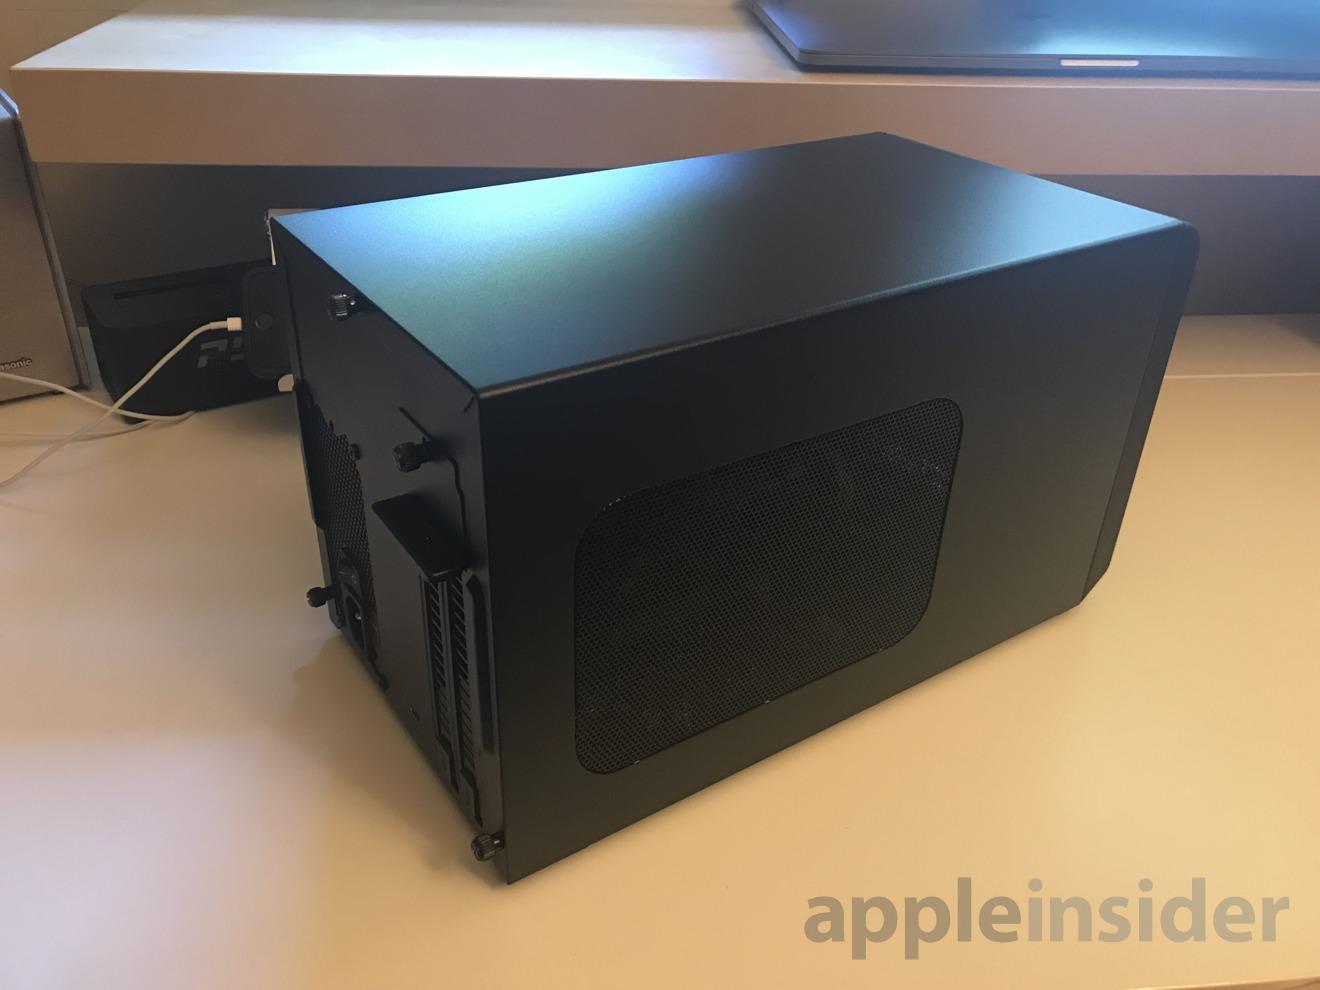 Как выглядит хаб от Apple с внешней видеокартой для MacBook Pro